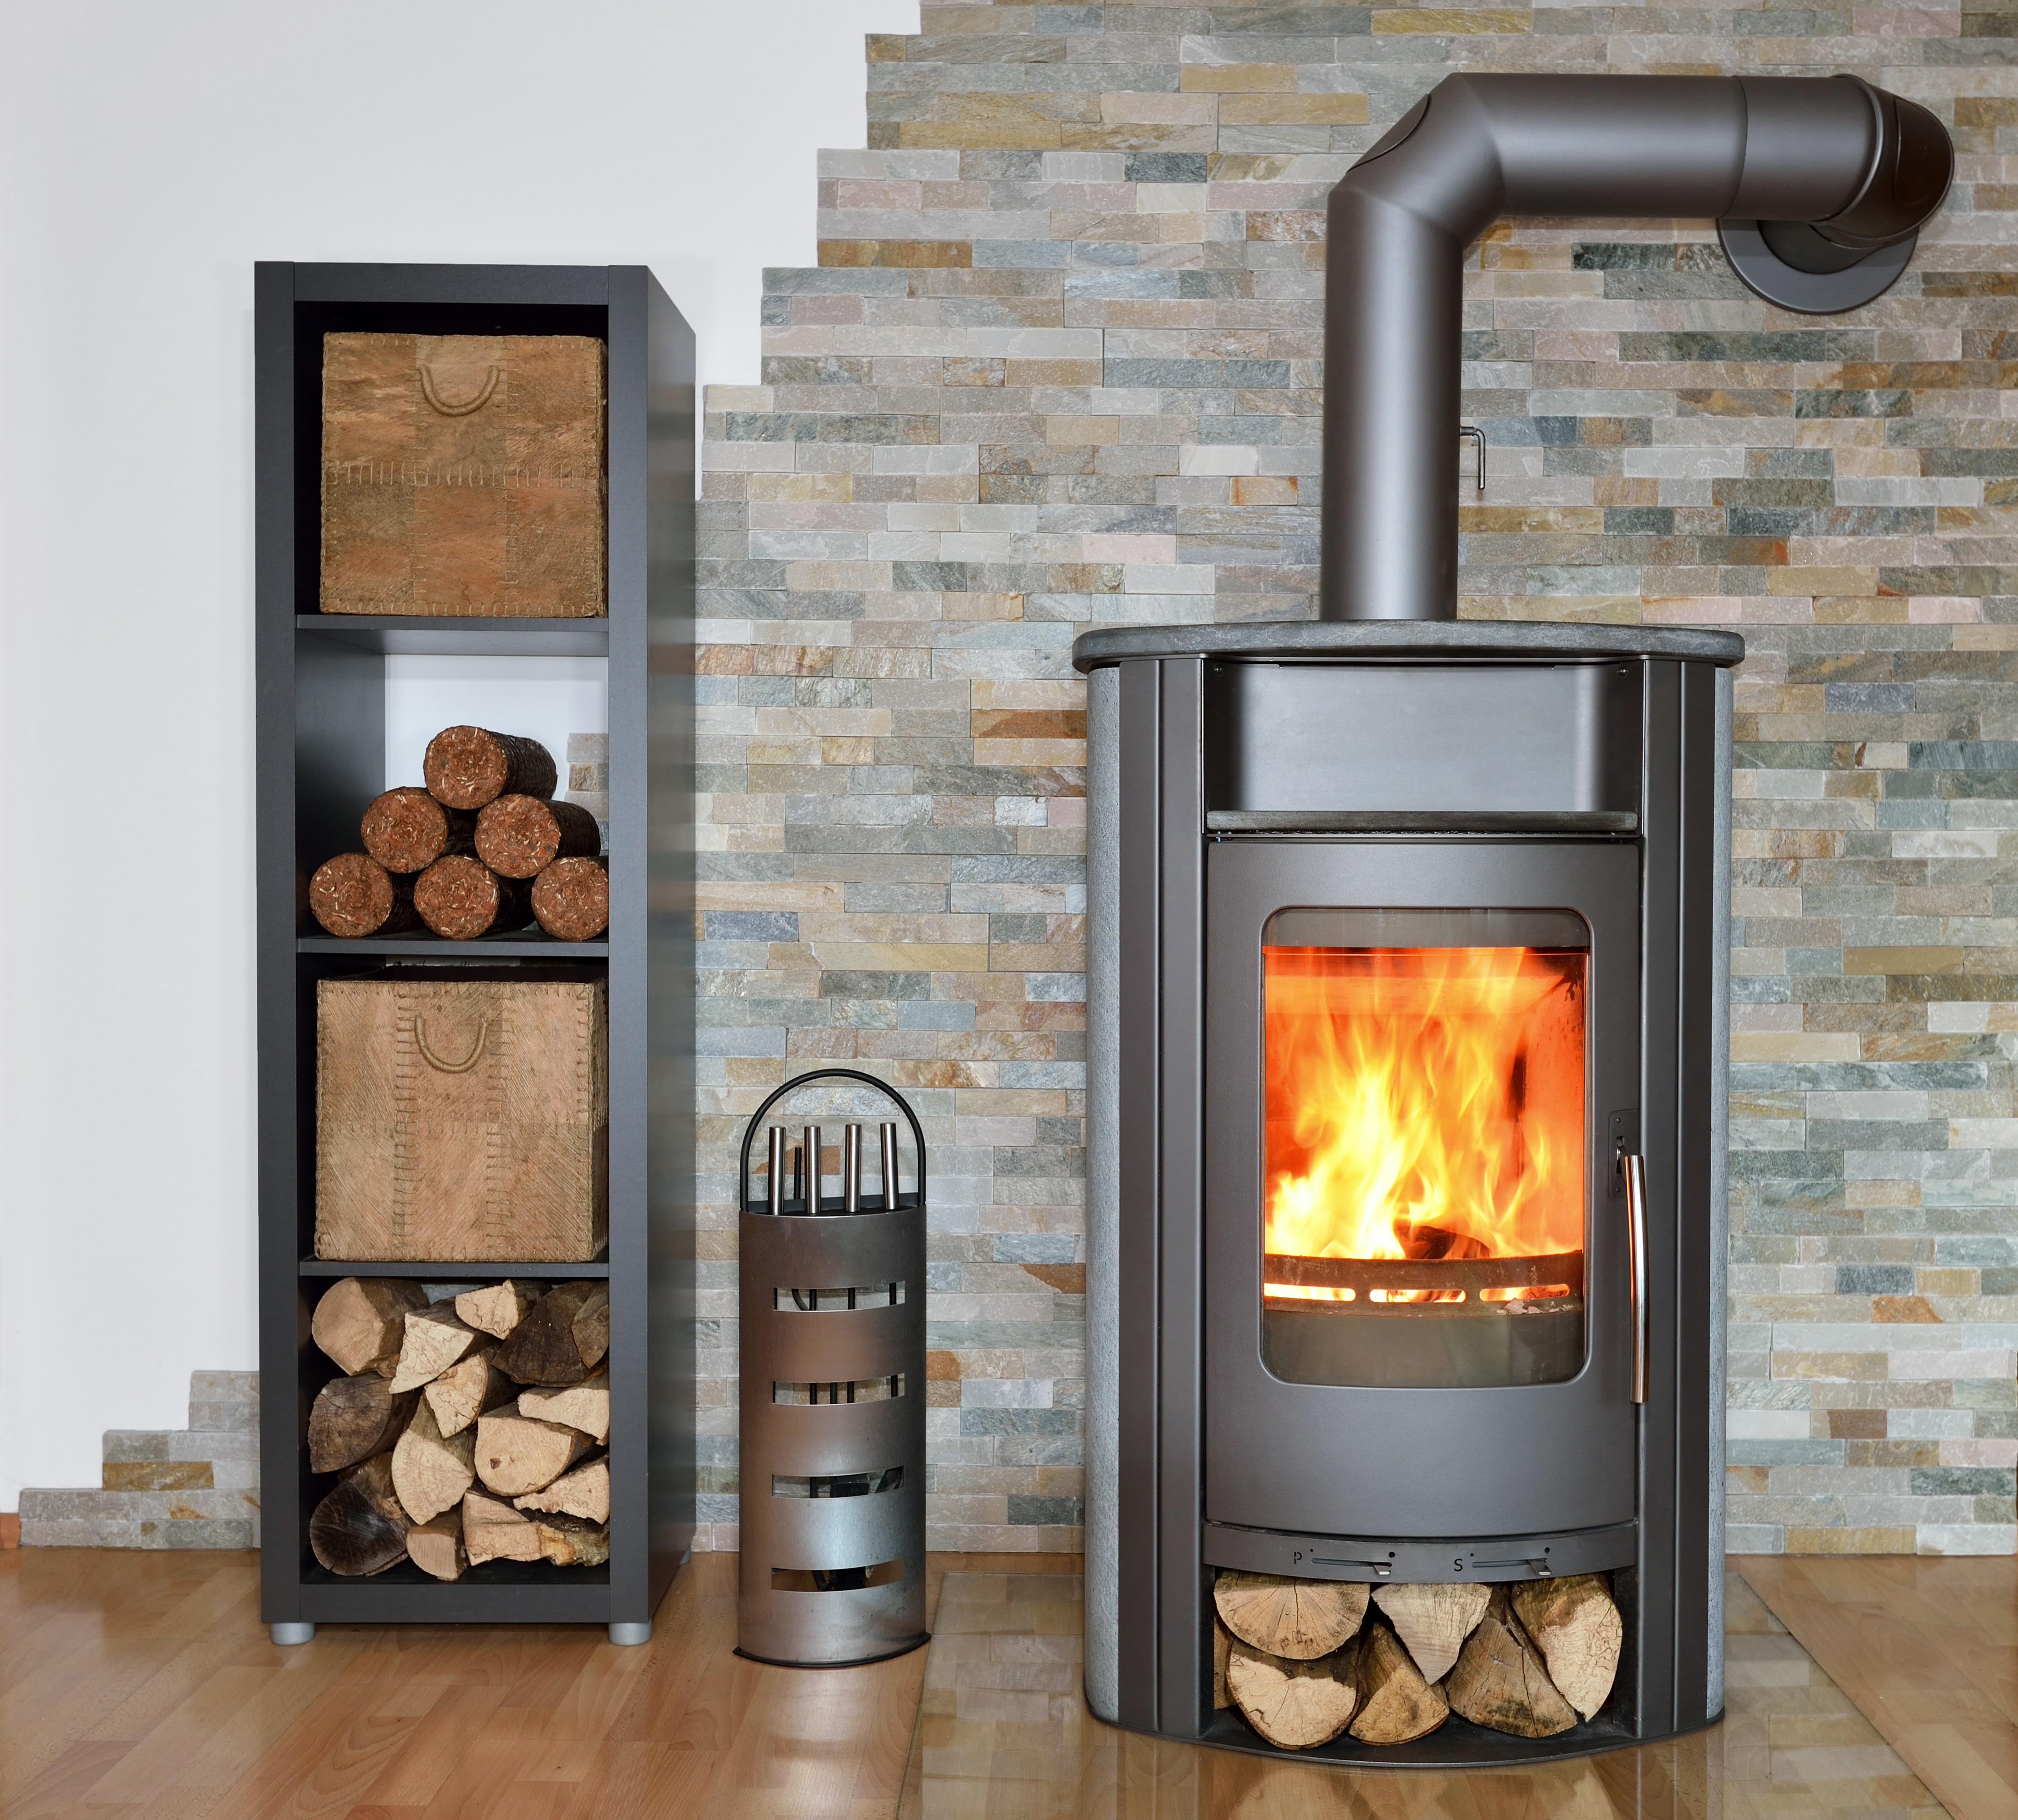 Choisir po le ou chemin e - Faire un conduit de cheminee pour poele a bois ...